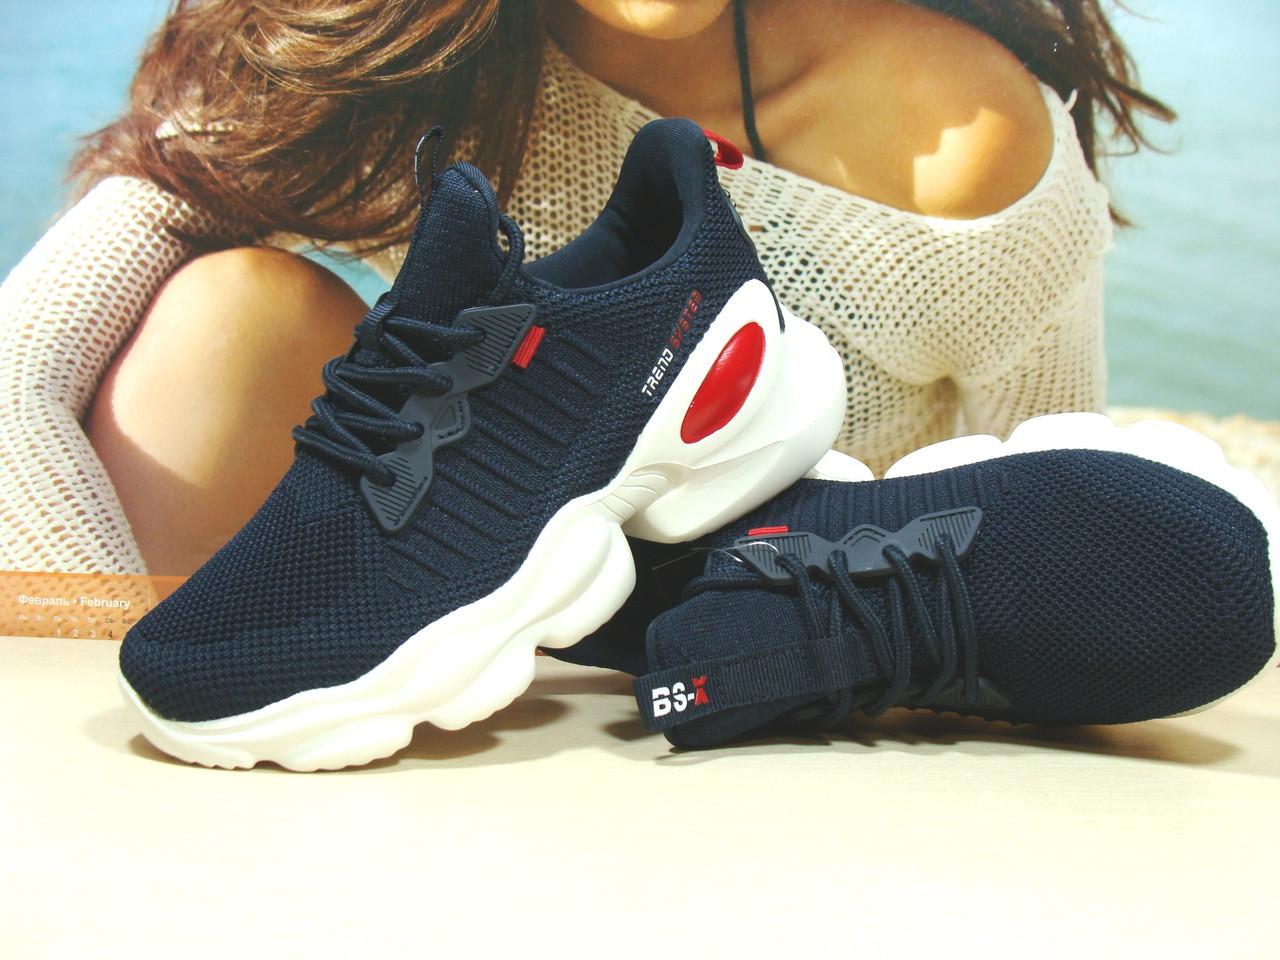 Женские кроссовки BaaS Trend System - 2 синие 38 р.